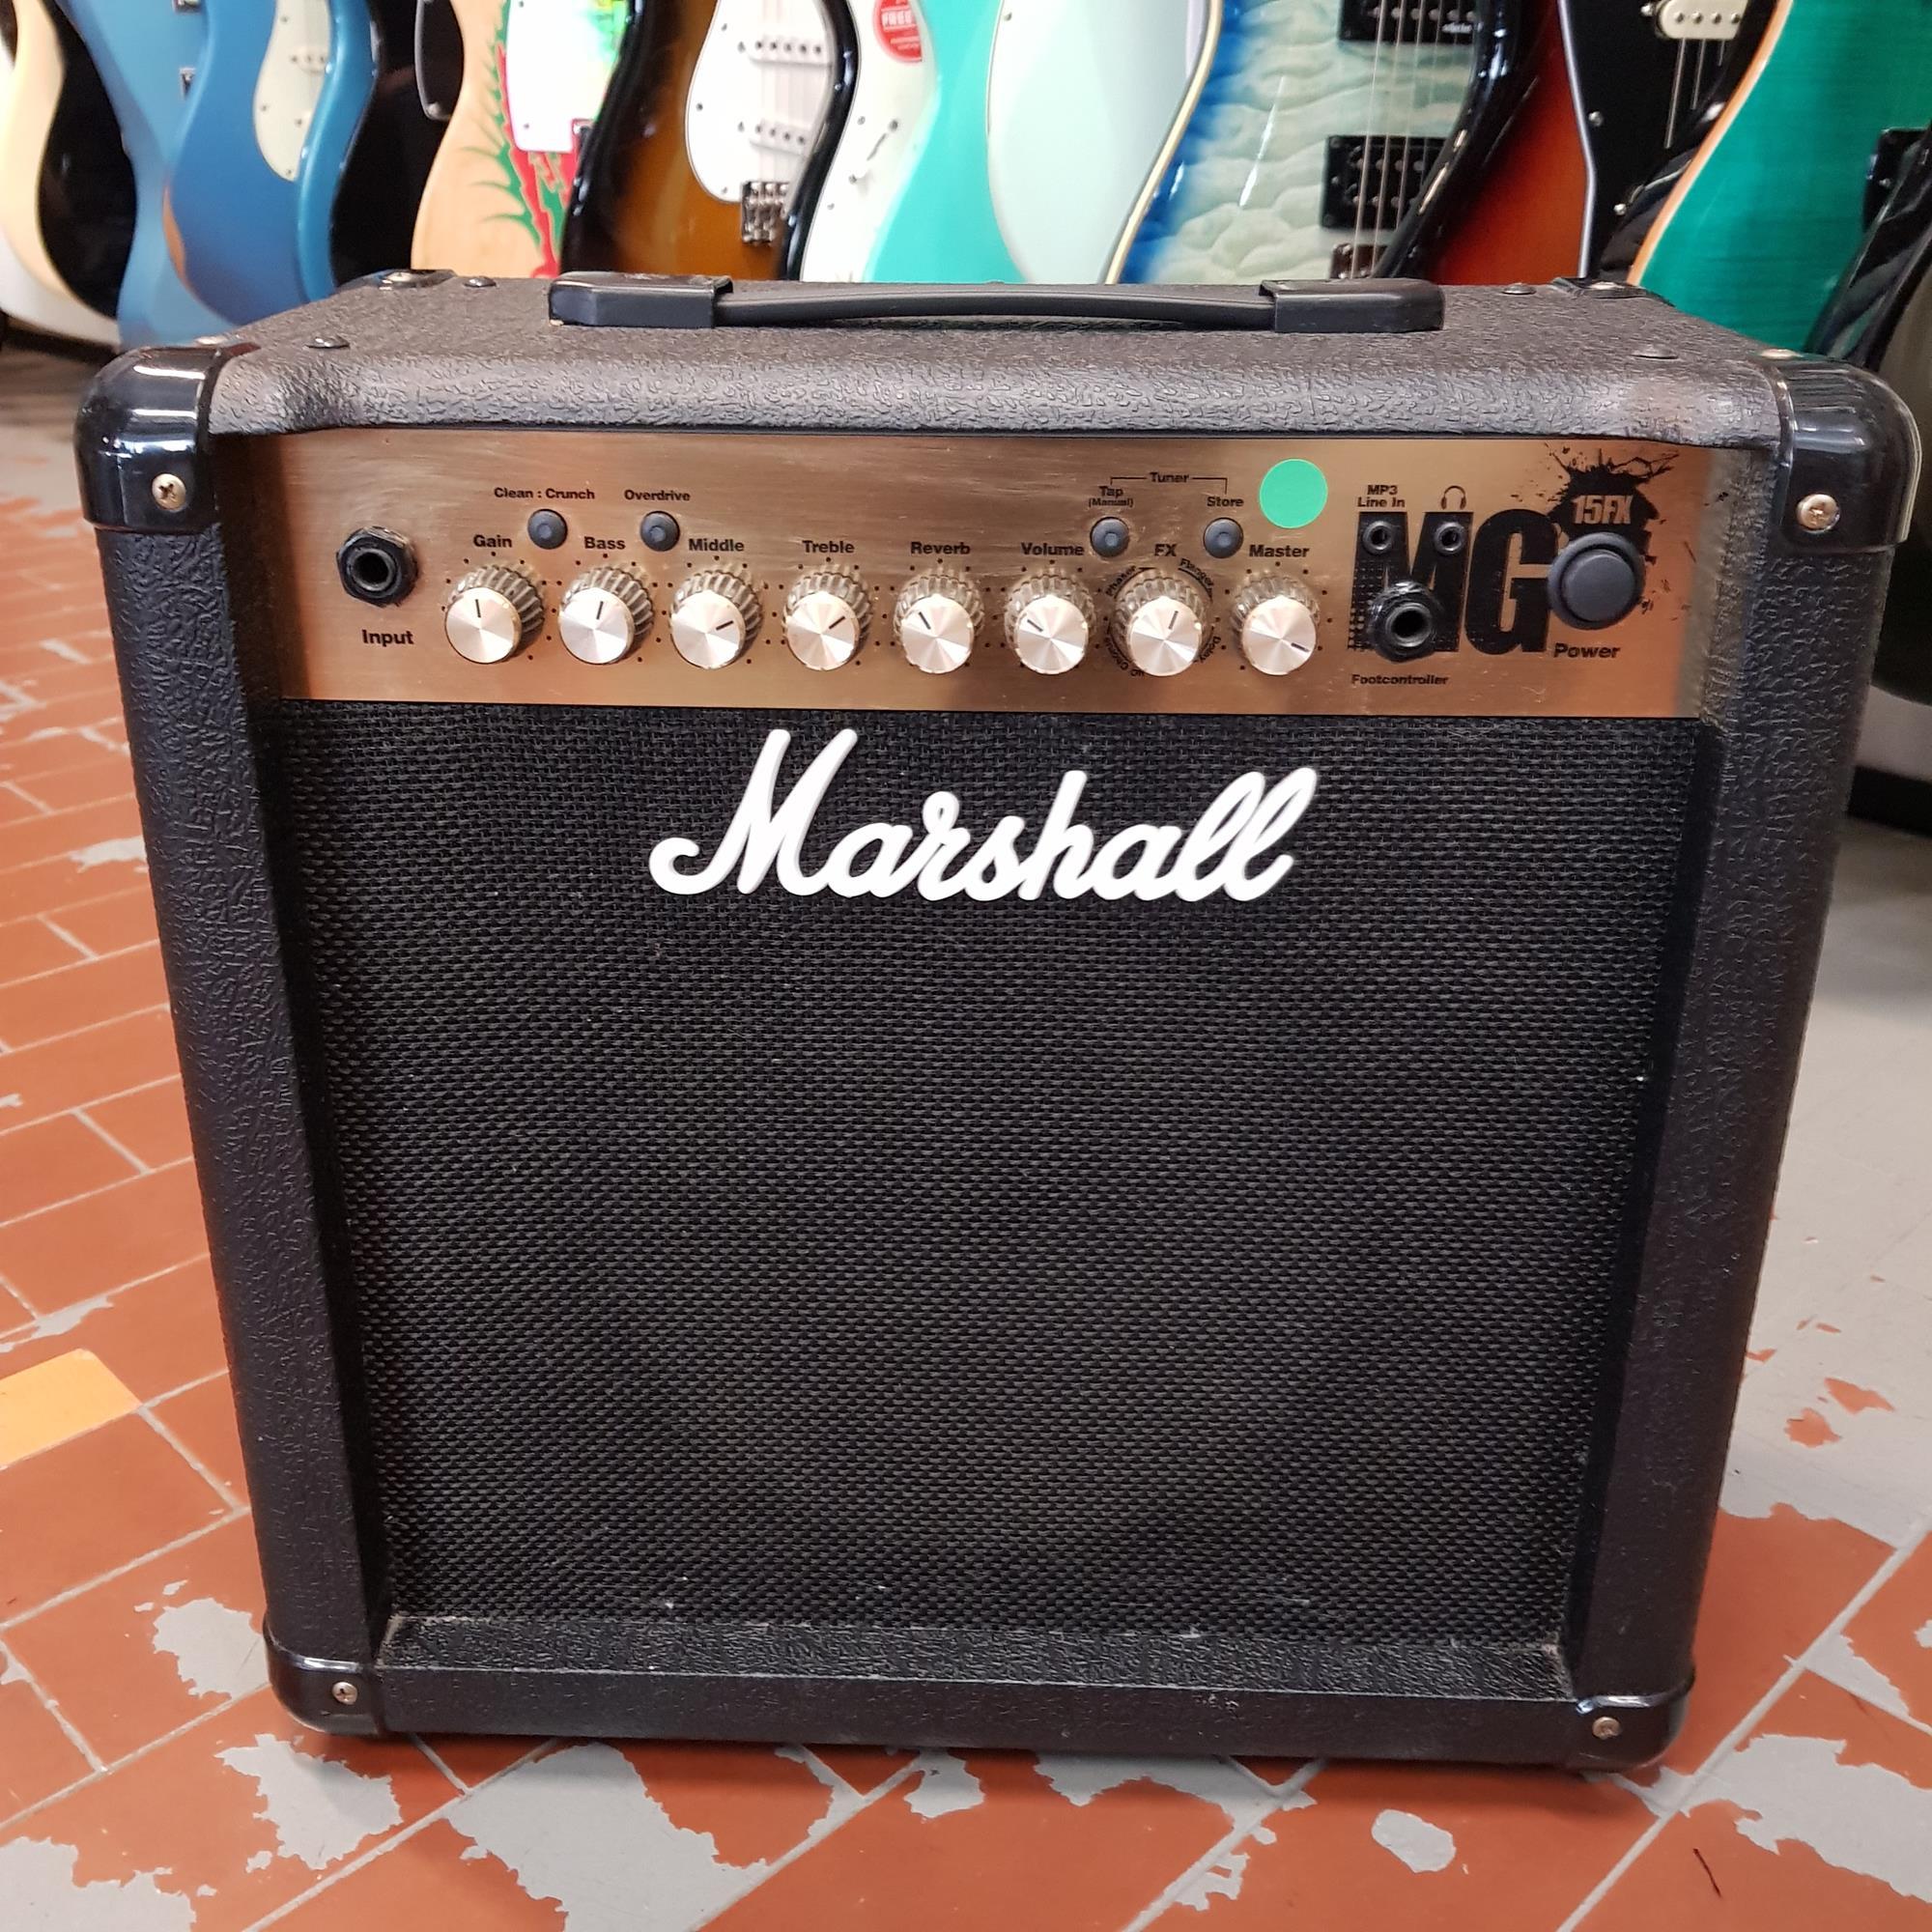 MARSHALL-MG-15-FX-sku-1602871402170